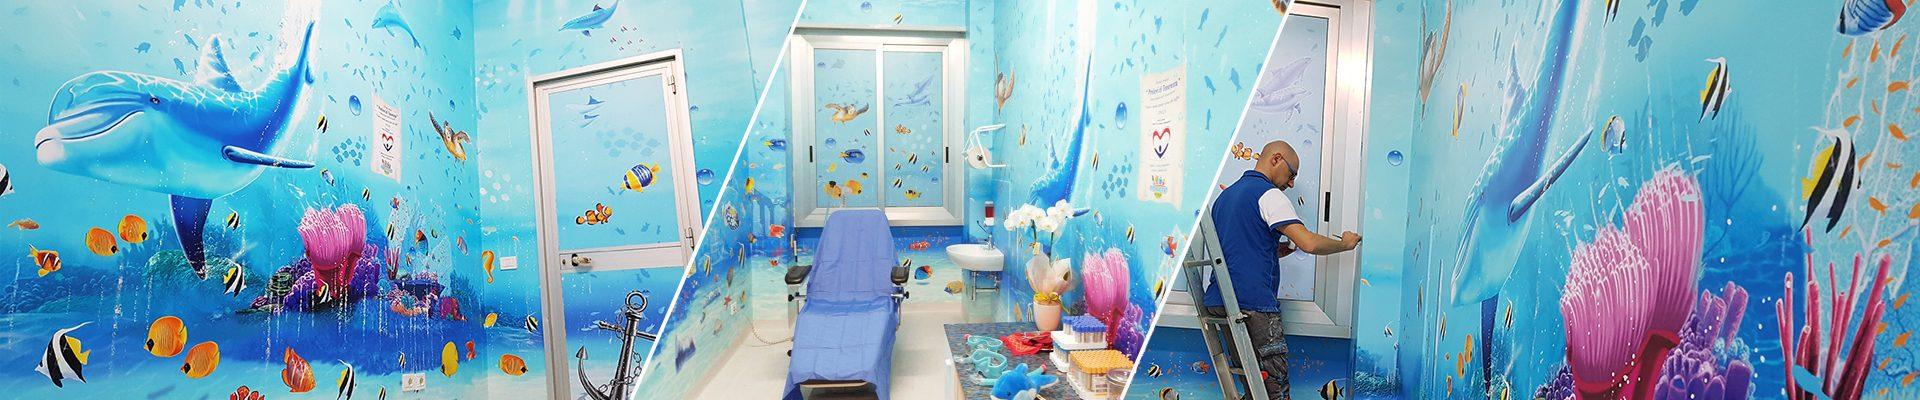 murales_acquario_ospedale_lecce_ospedali_dipinti_irilli-banner